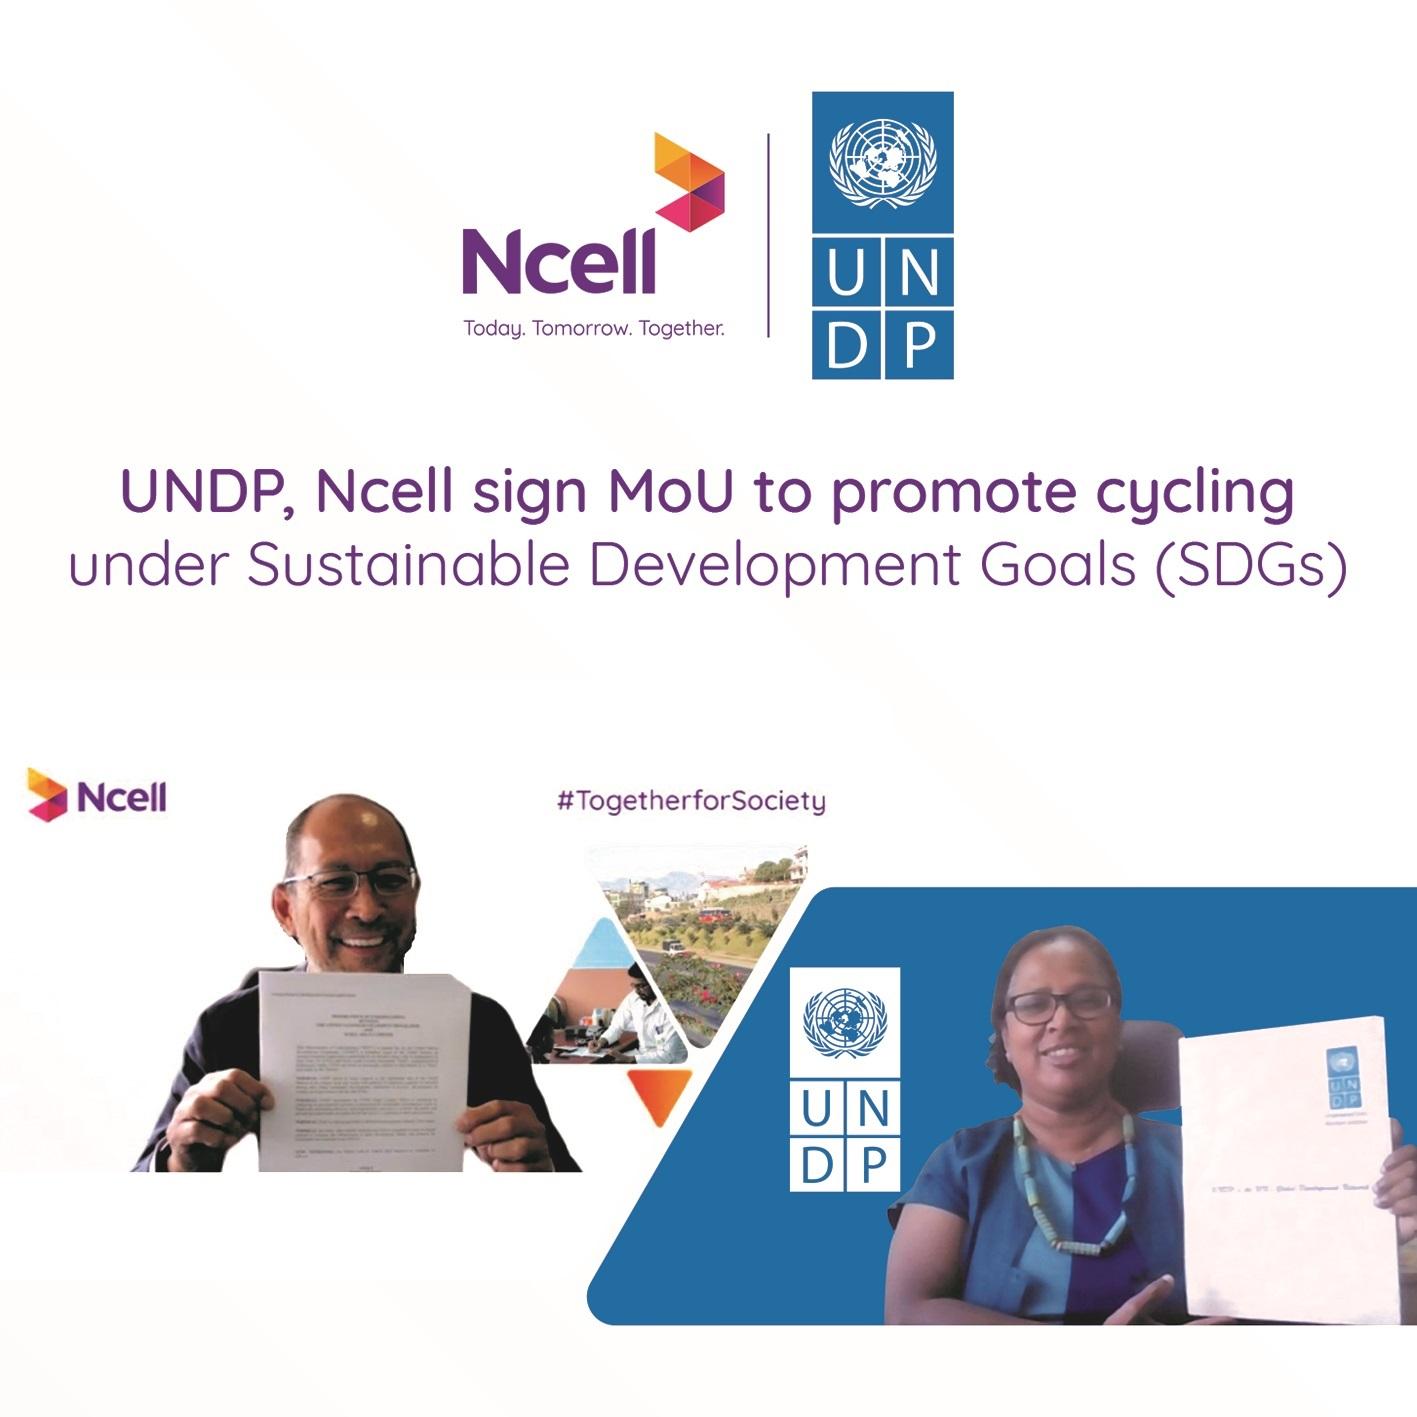 दिगो विकासका लागि नेपालमा यूएनडीपी र एनसेलको साझेदारी